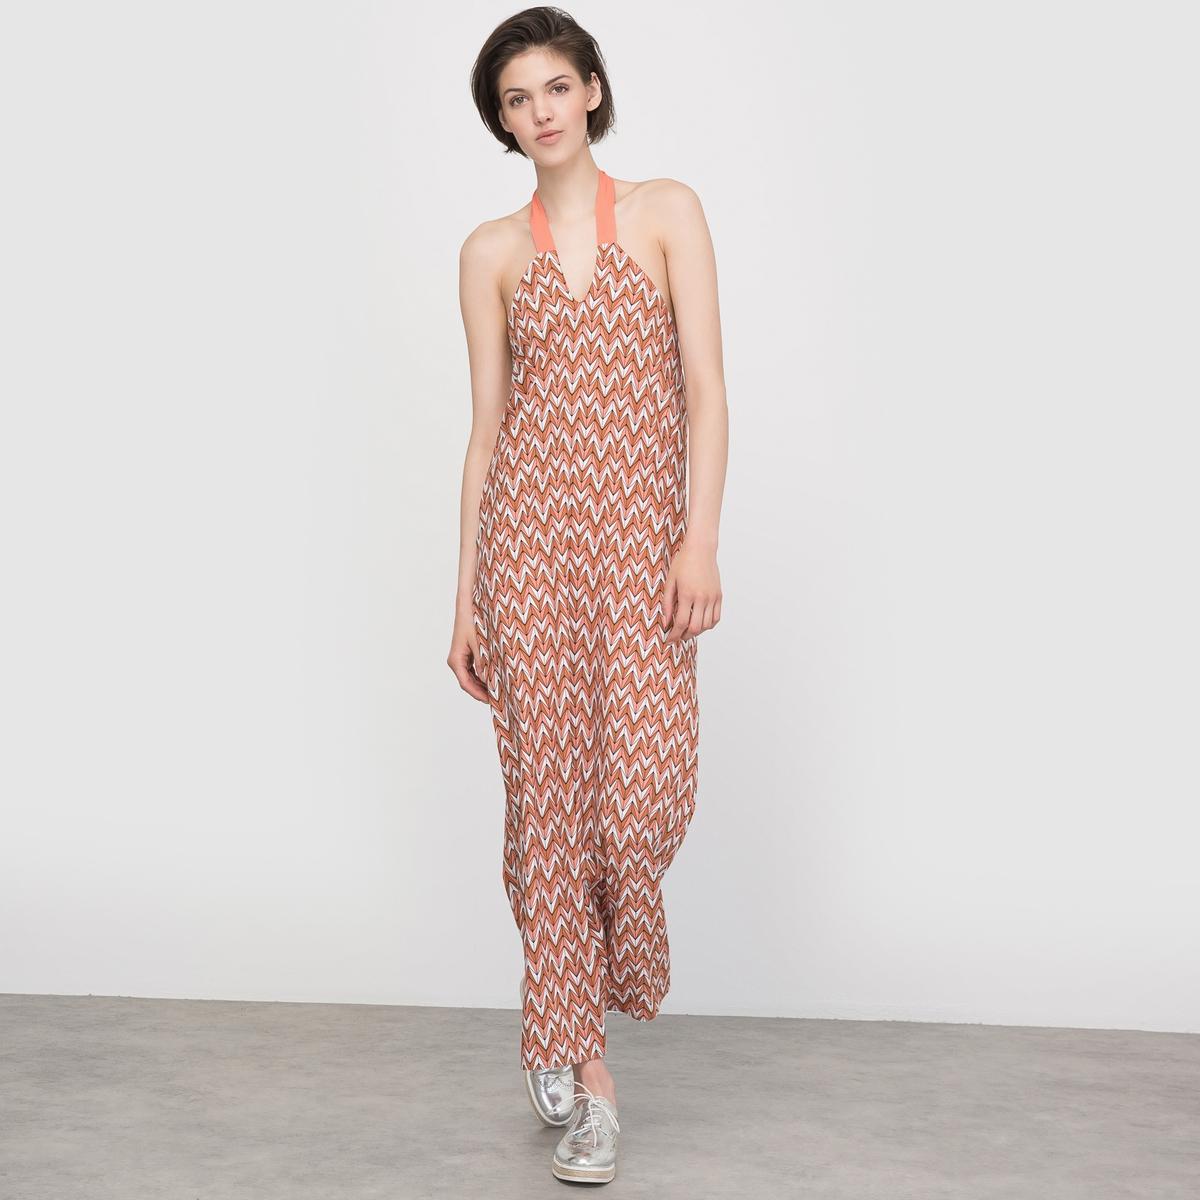 Платье длинное с открытой спиной и цветочным рисункомПлатье длинное из струящегося крепа с цветочным рисунком и застежкой на молнию. Прямой покрой, открытые плечи. V-образный вырез с завязками на шее. Прямая эластичная спинка.Состав и описаниеМарка : LES PETITS PRIXМатериалы  : 100% вискозы УходМашинная стирка при 30 °C в деликатном режиме с вещами схожих цветов Стирка и глажка с изнаночной стороны Машинная сушка запрещена Гладить при умеренной температуре<br><br>Цвет: набивной рисунок<br>Размер: 44 (FR) - 50 (RUS)